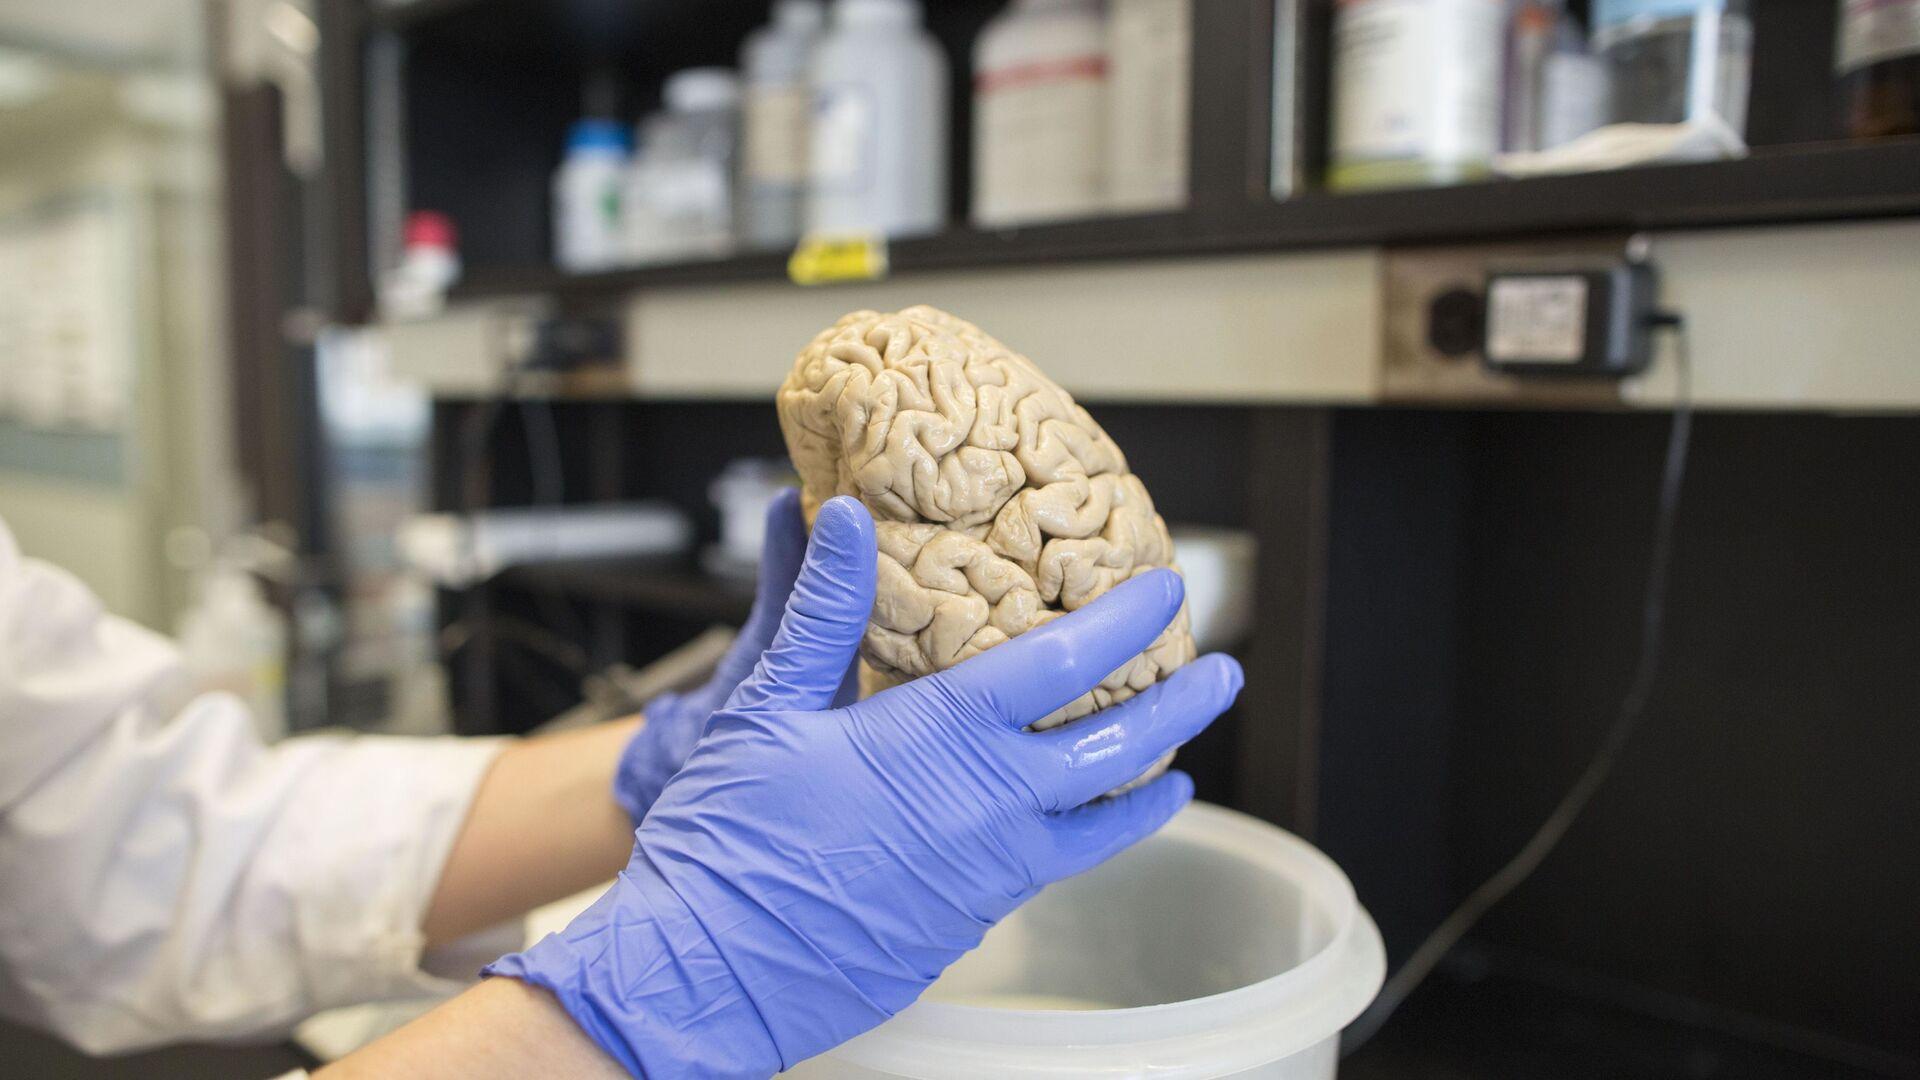 Laboratoriyada insan beyninin modeli, arxiv şəkli - Sputnik Azərbaycan, 1920, 06.10.2021